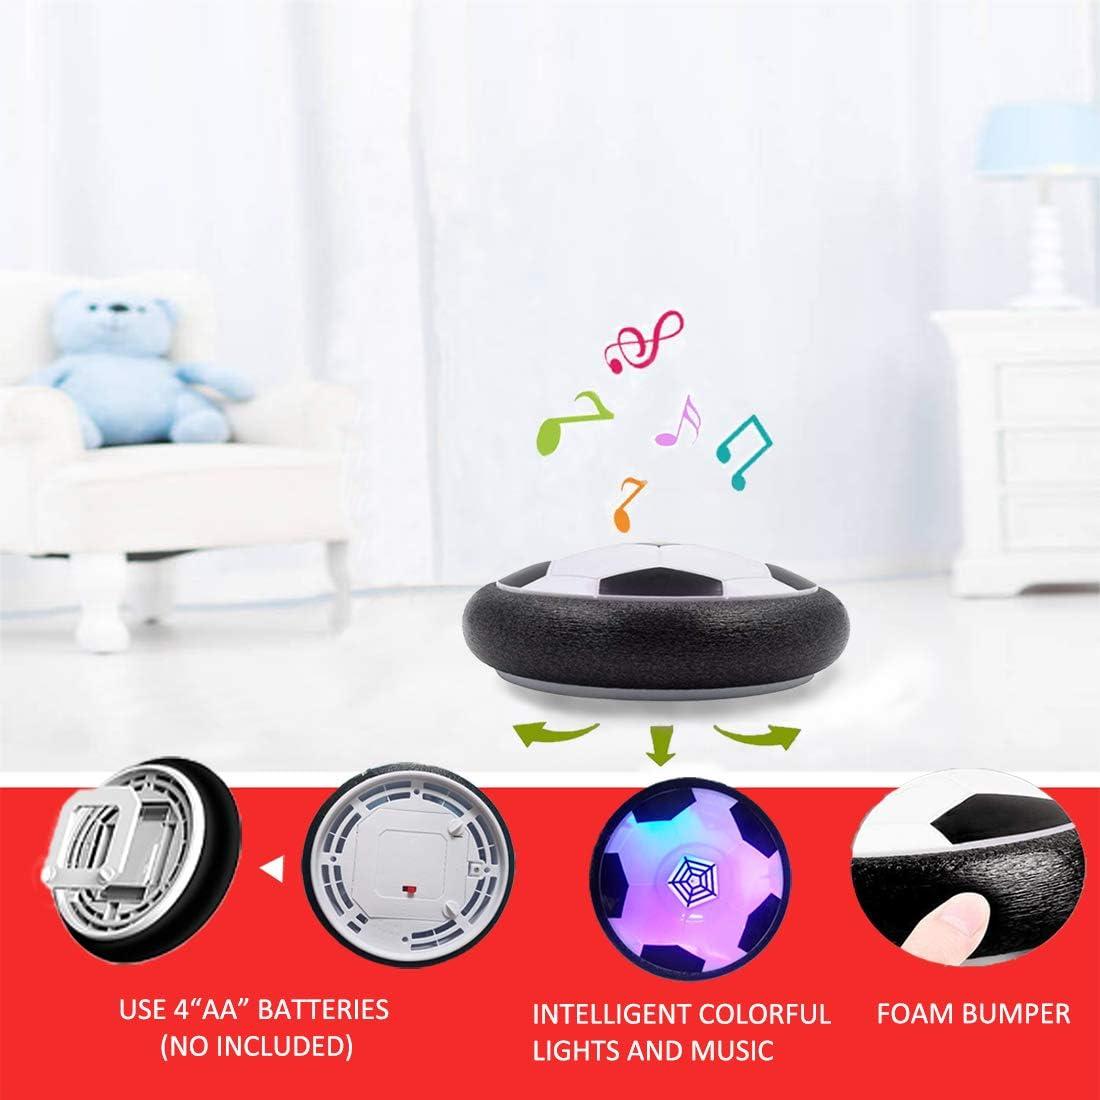 Toys & Games Toy Soccer ghdonat.com Hover Soccer Ball LED Light ...